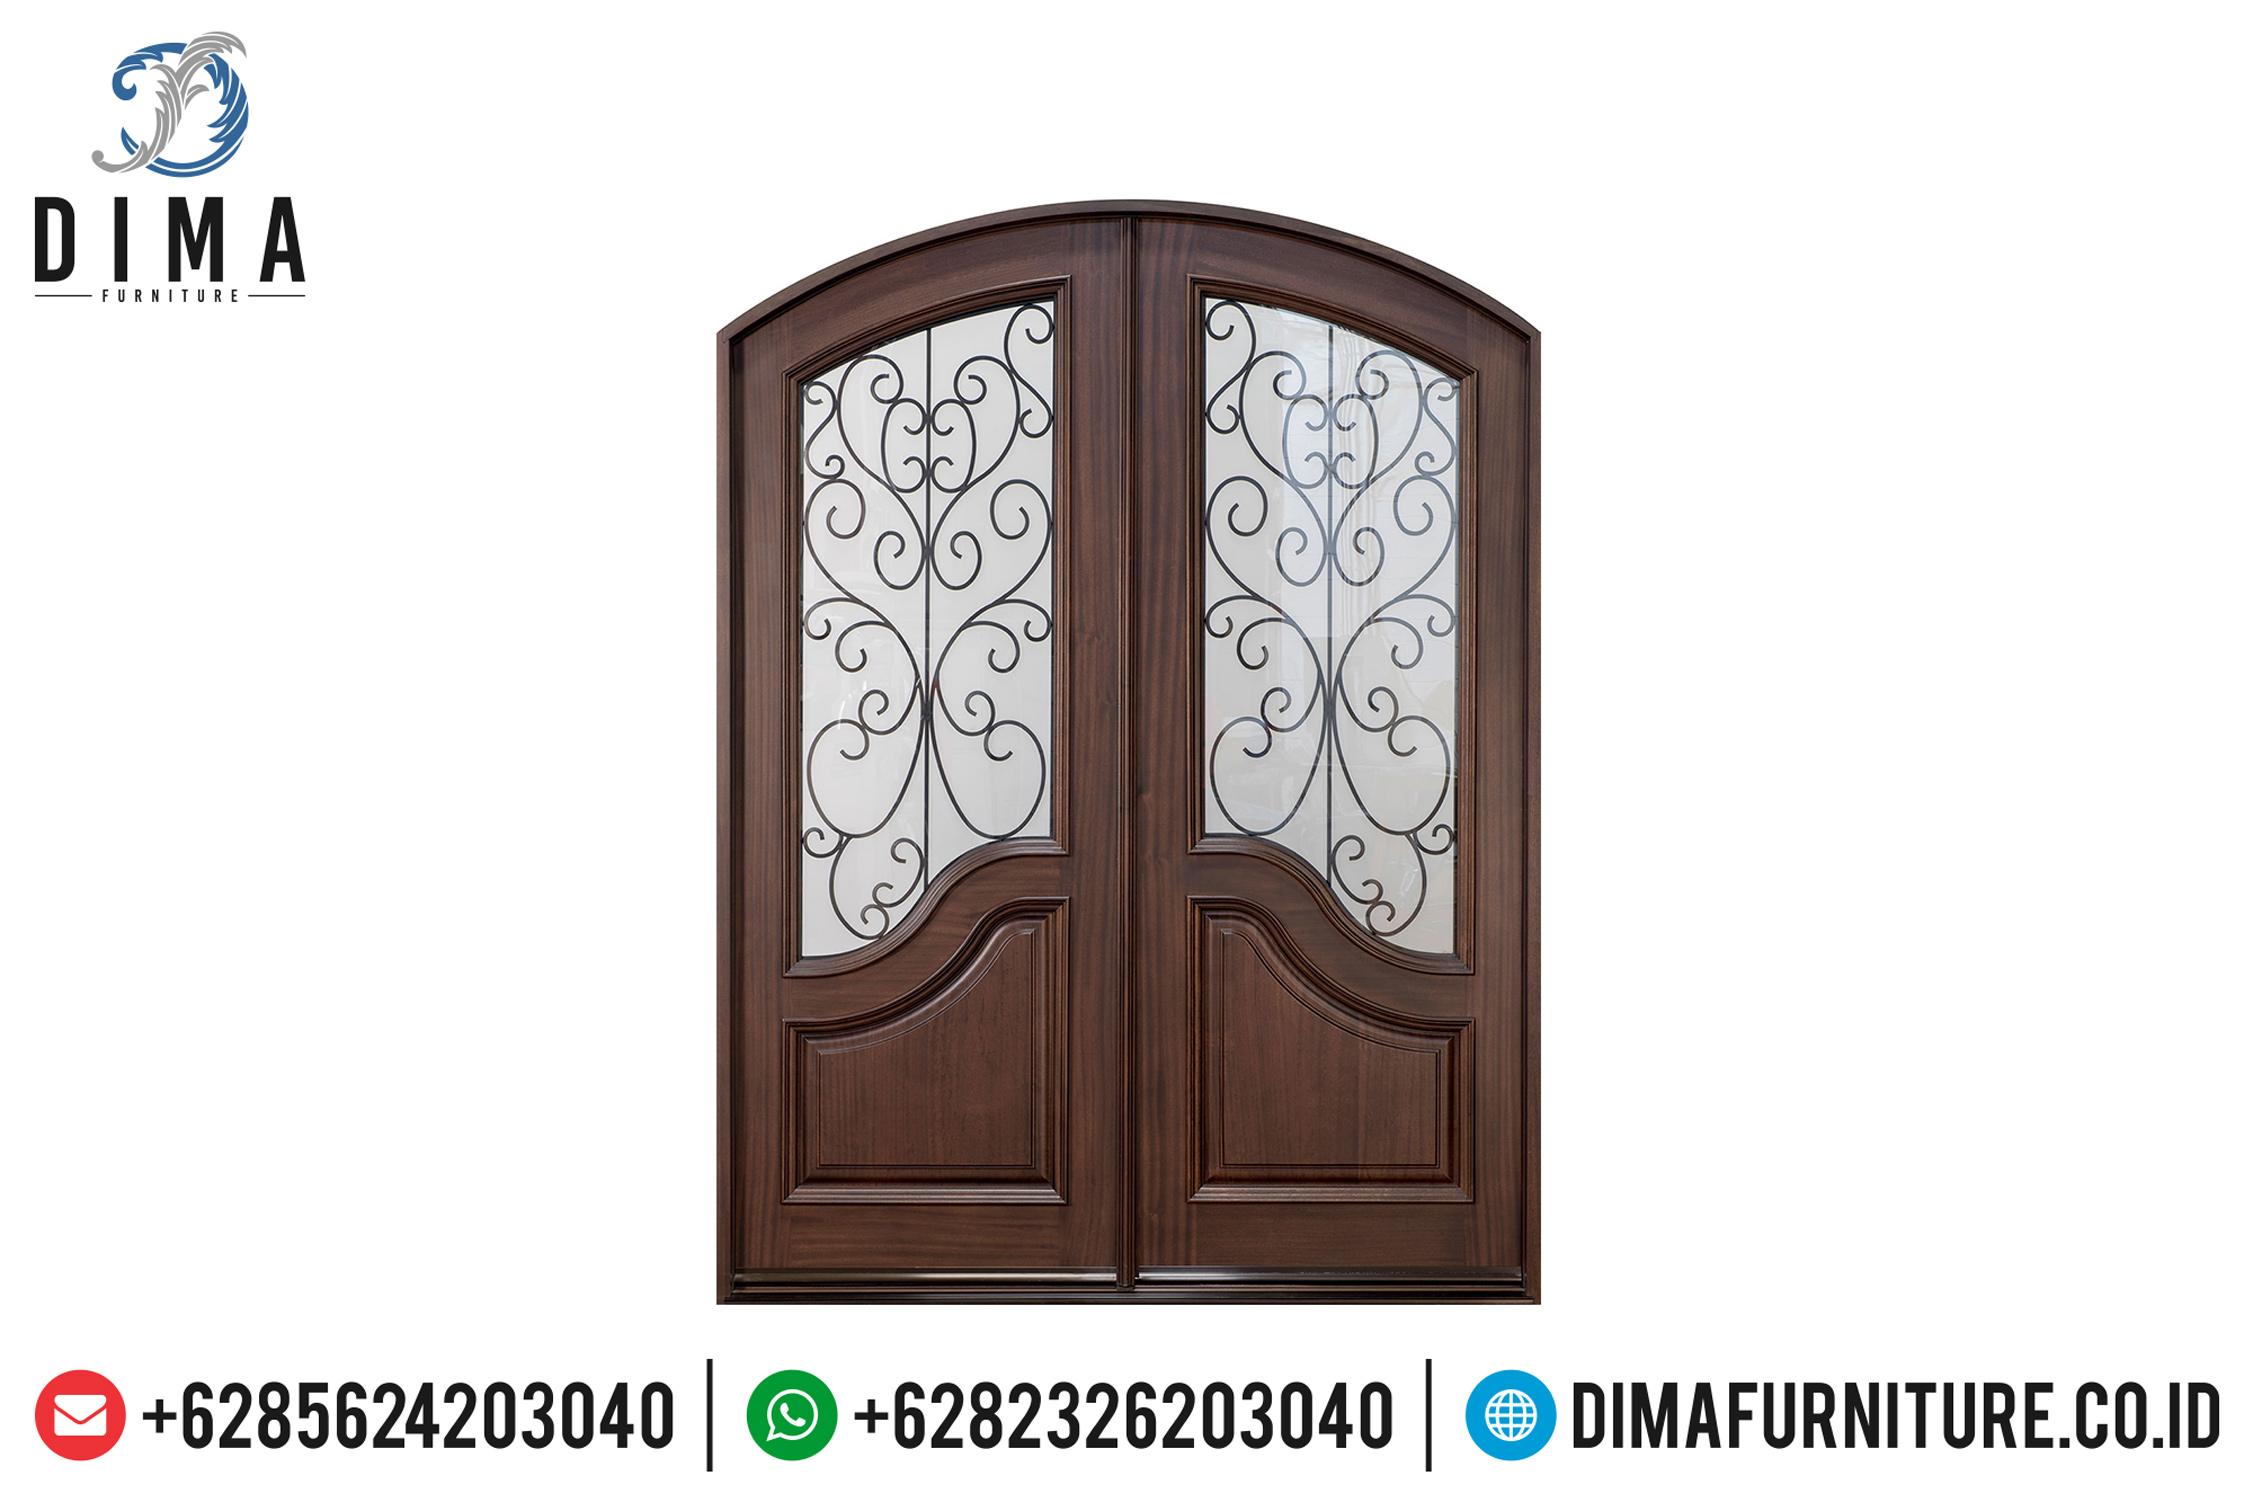 Pintu Rumah Jepara Mewah, Kusen Pintu Jati, Jual Pintu Rumah Jati DF-0740